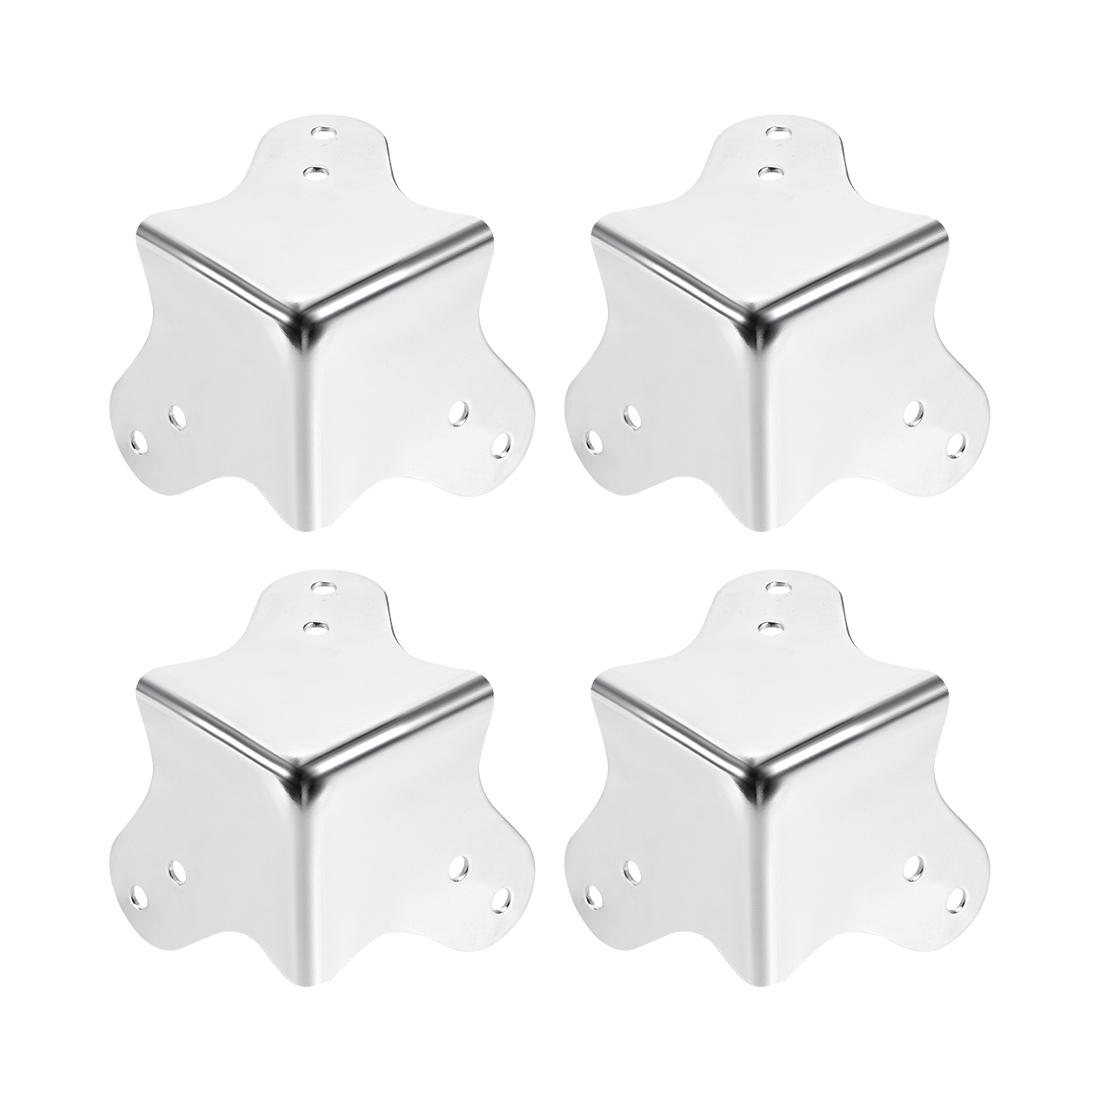 Metal Box Corner Protectors Wooden Box Edge Guard Protector 60 x 60 x 60mm 4pcs